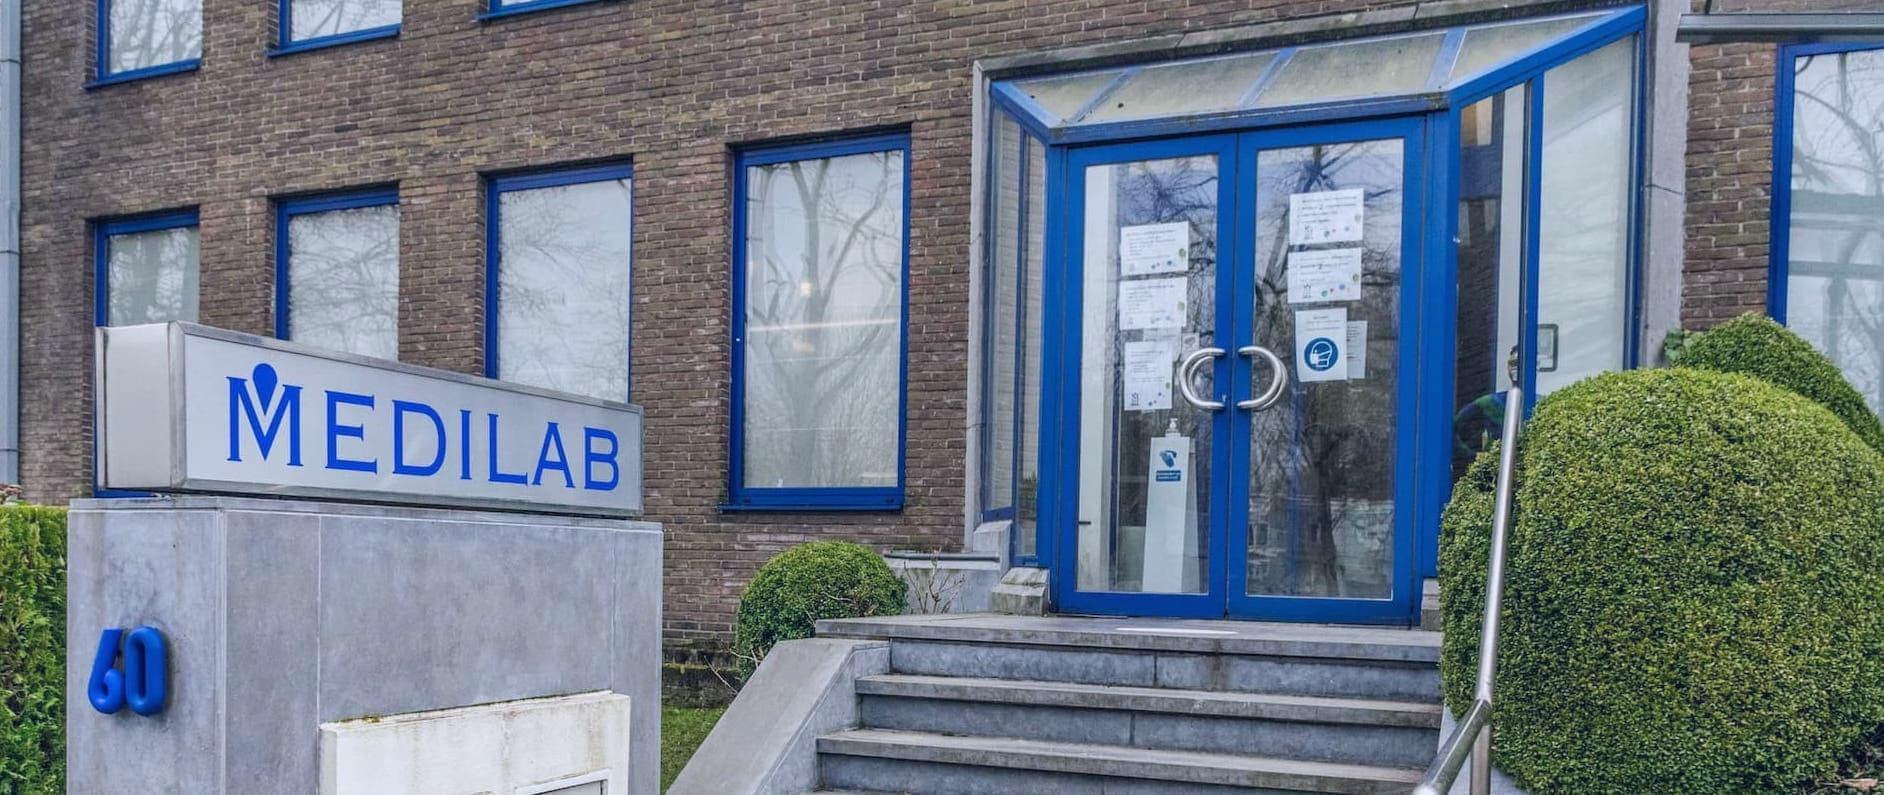 Ingang van Medilab gebouw